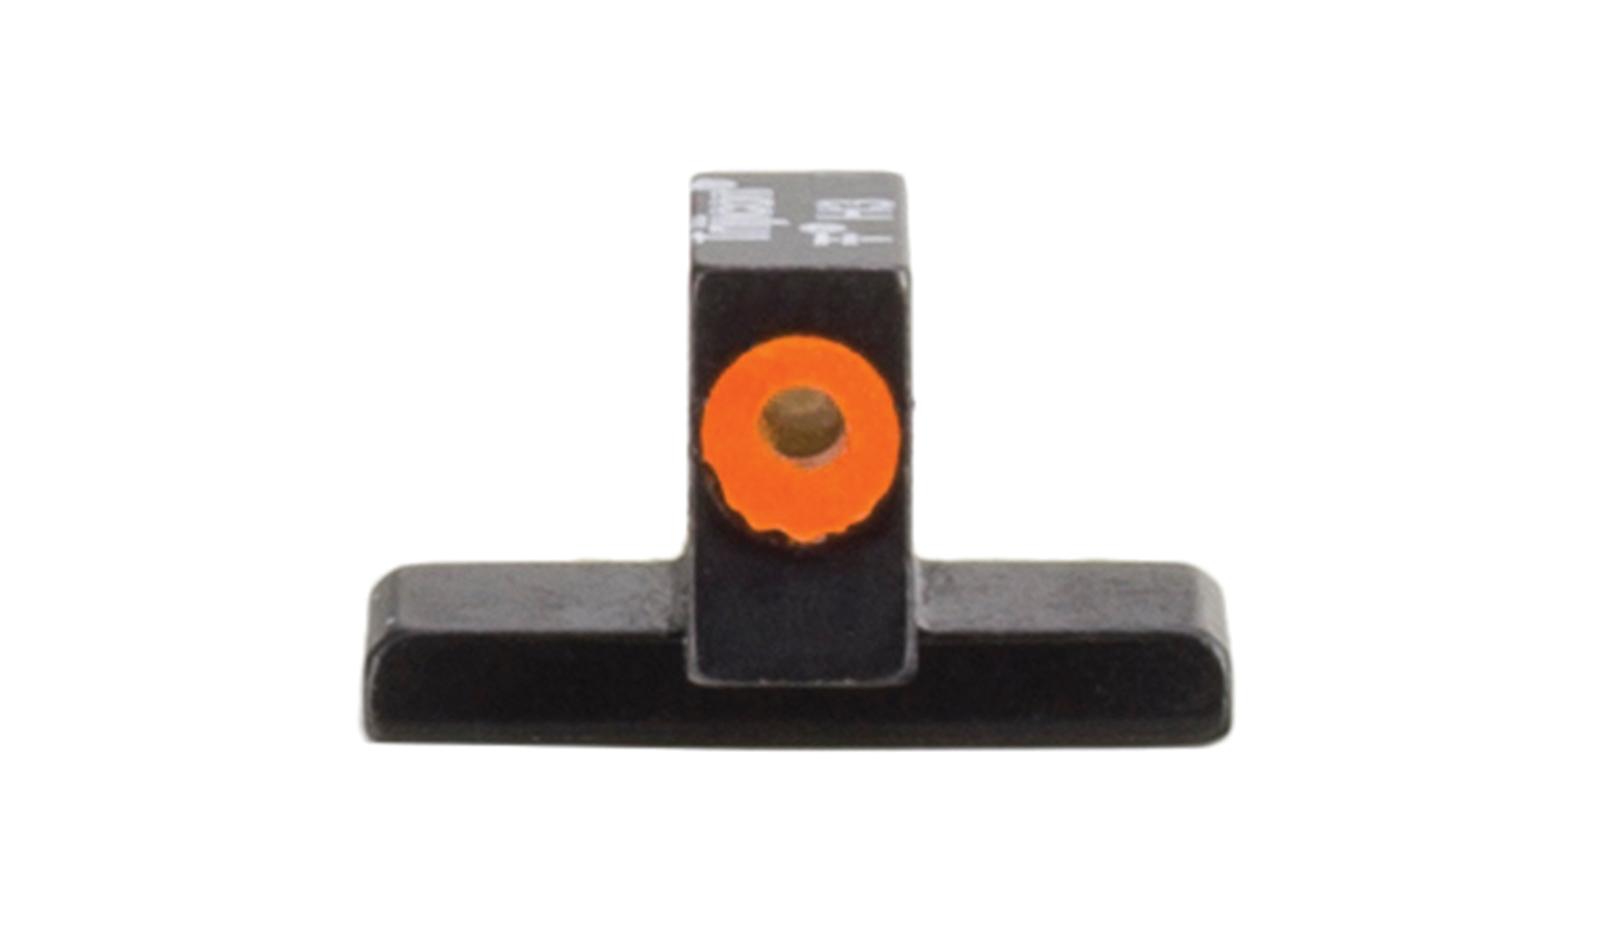 SP602-C-600878 angle 4